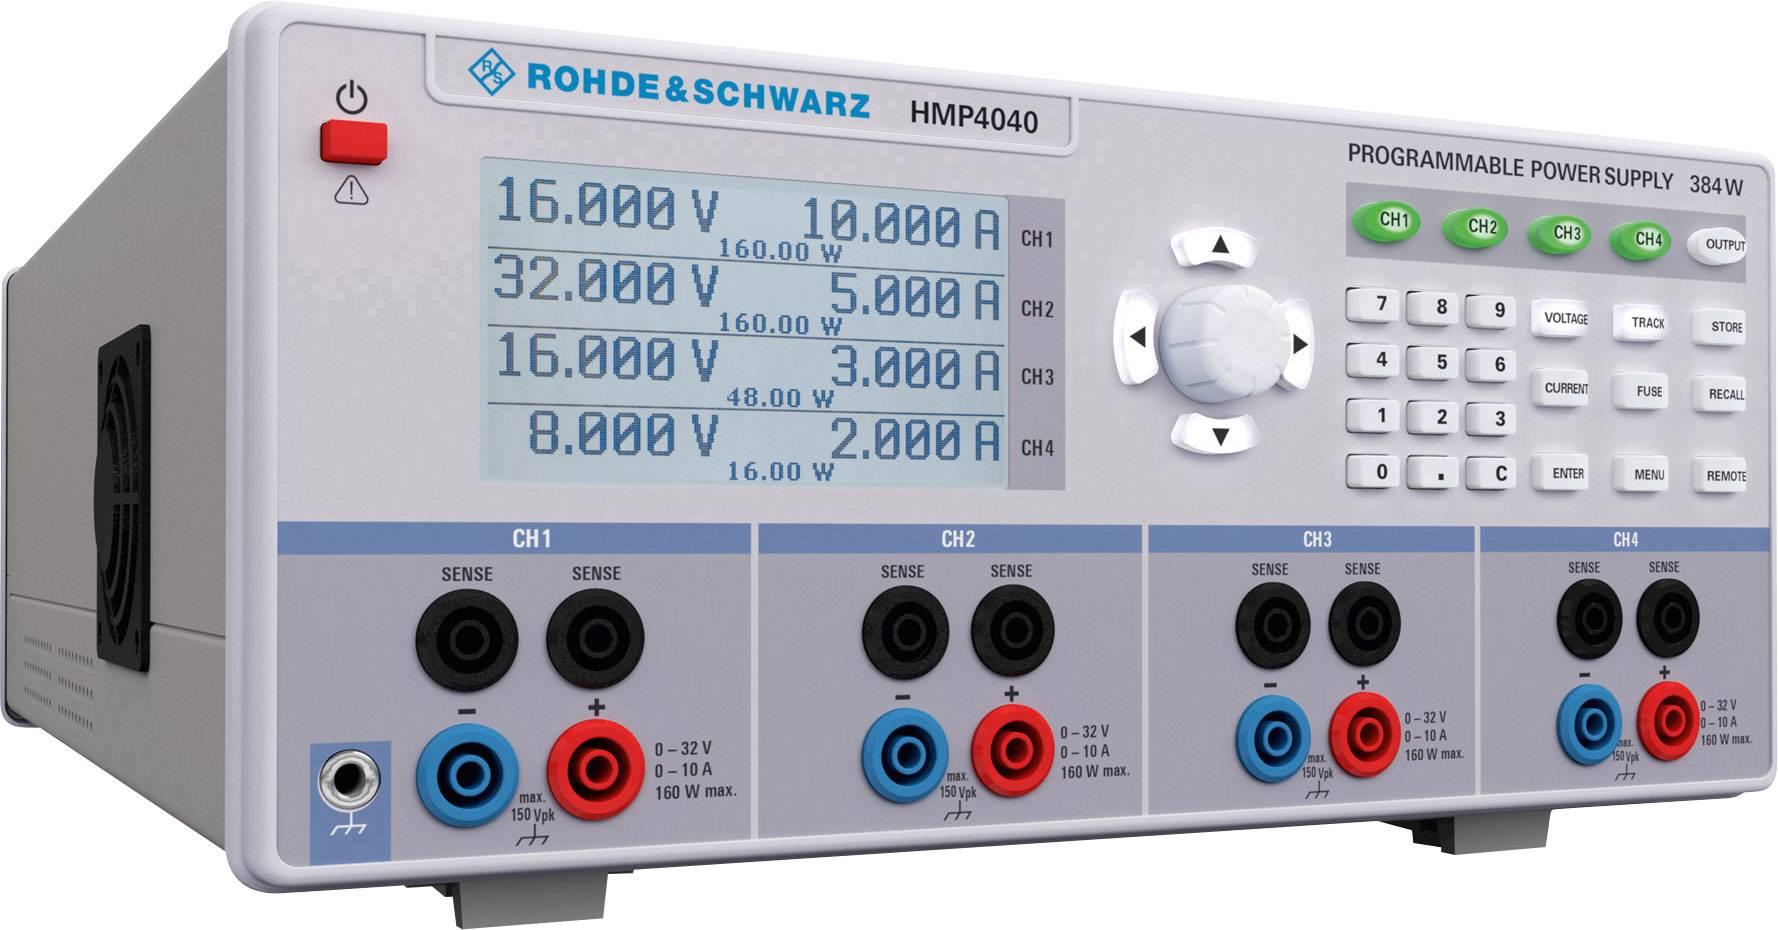 Laboratórny zdroj s nastaviteľným napätím Rohde & Schwarz HMP4040, 0 - 32 V/DC, 0 - 10 A, 384 W